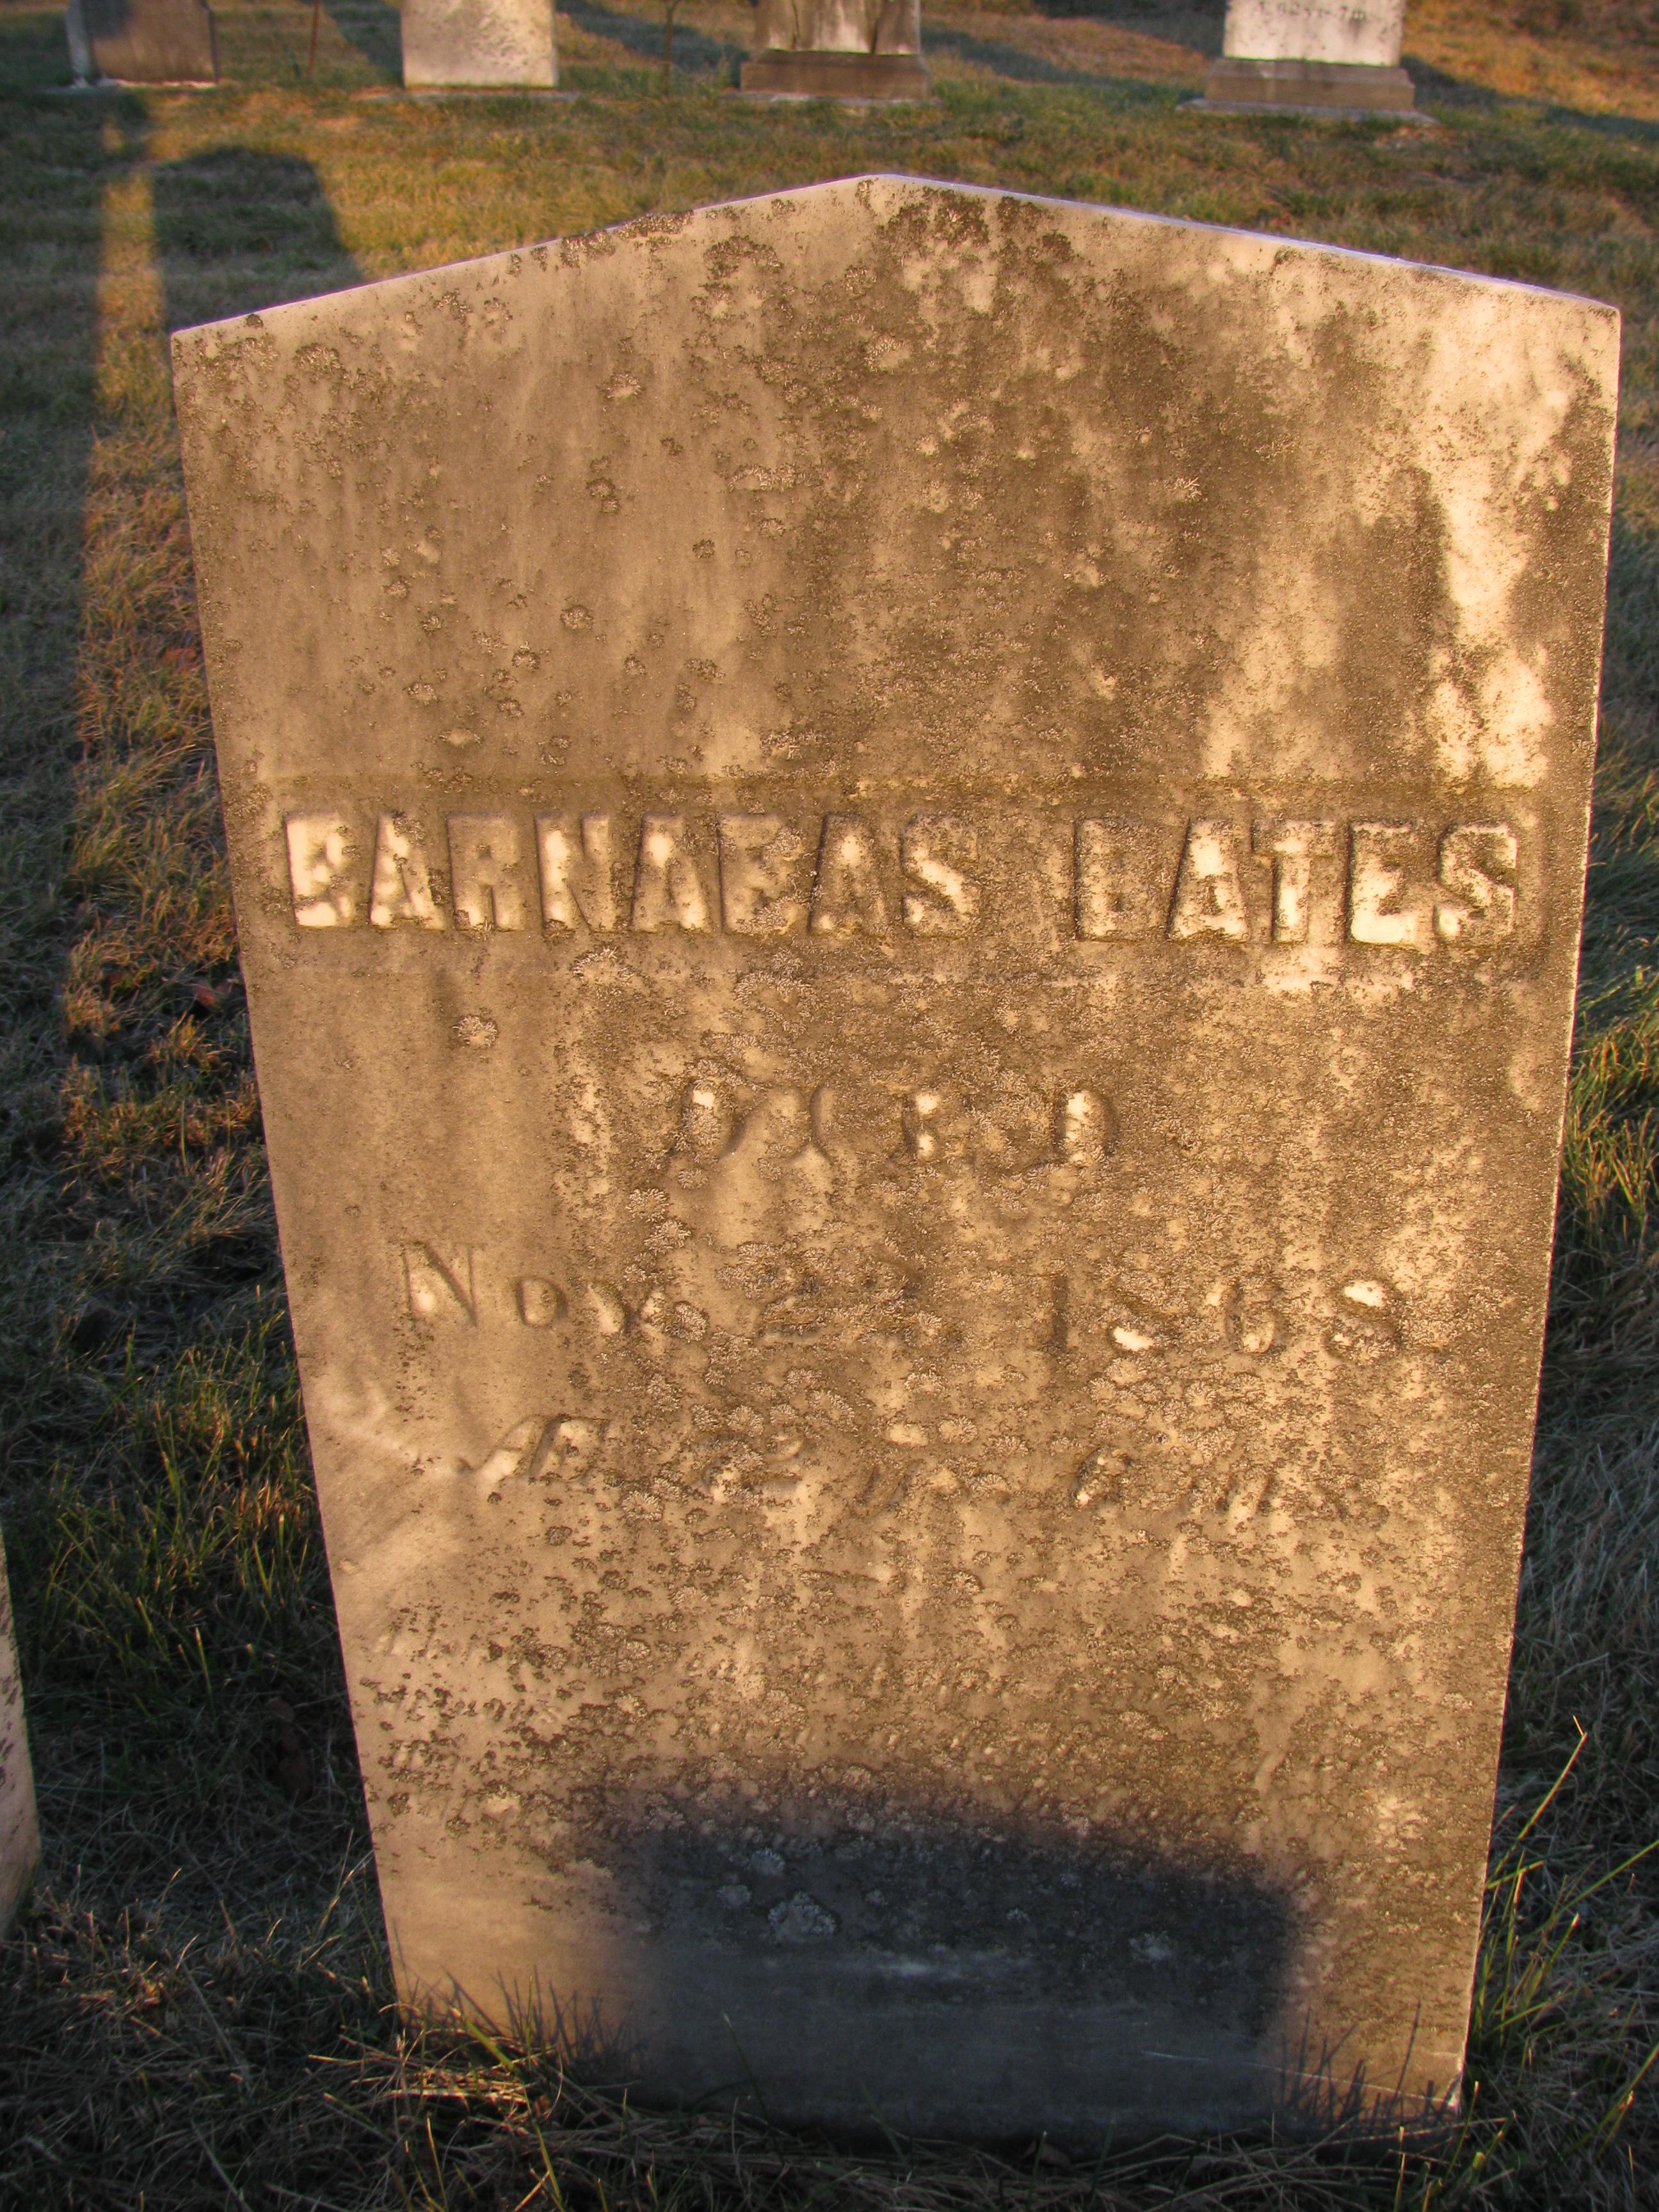 Barnabas Bates